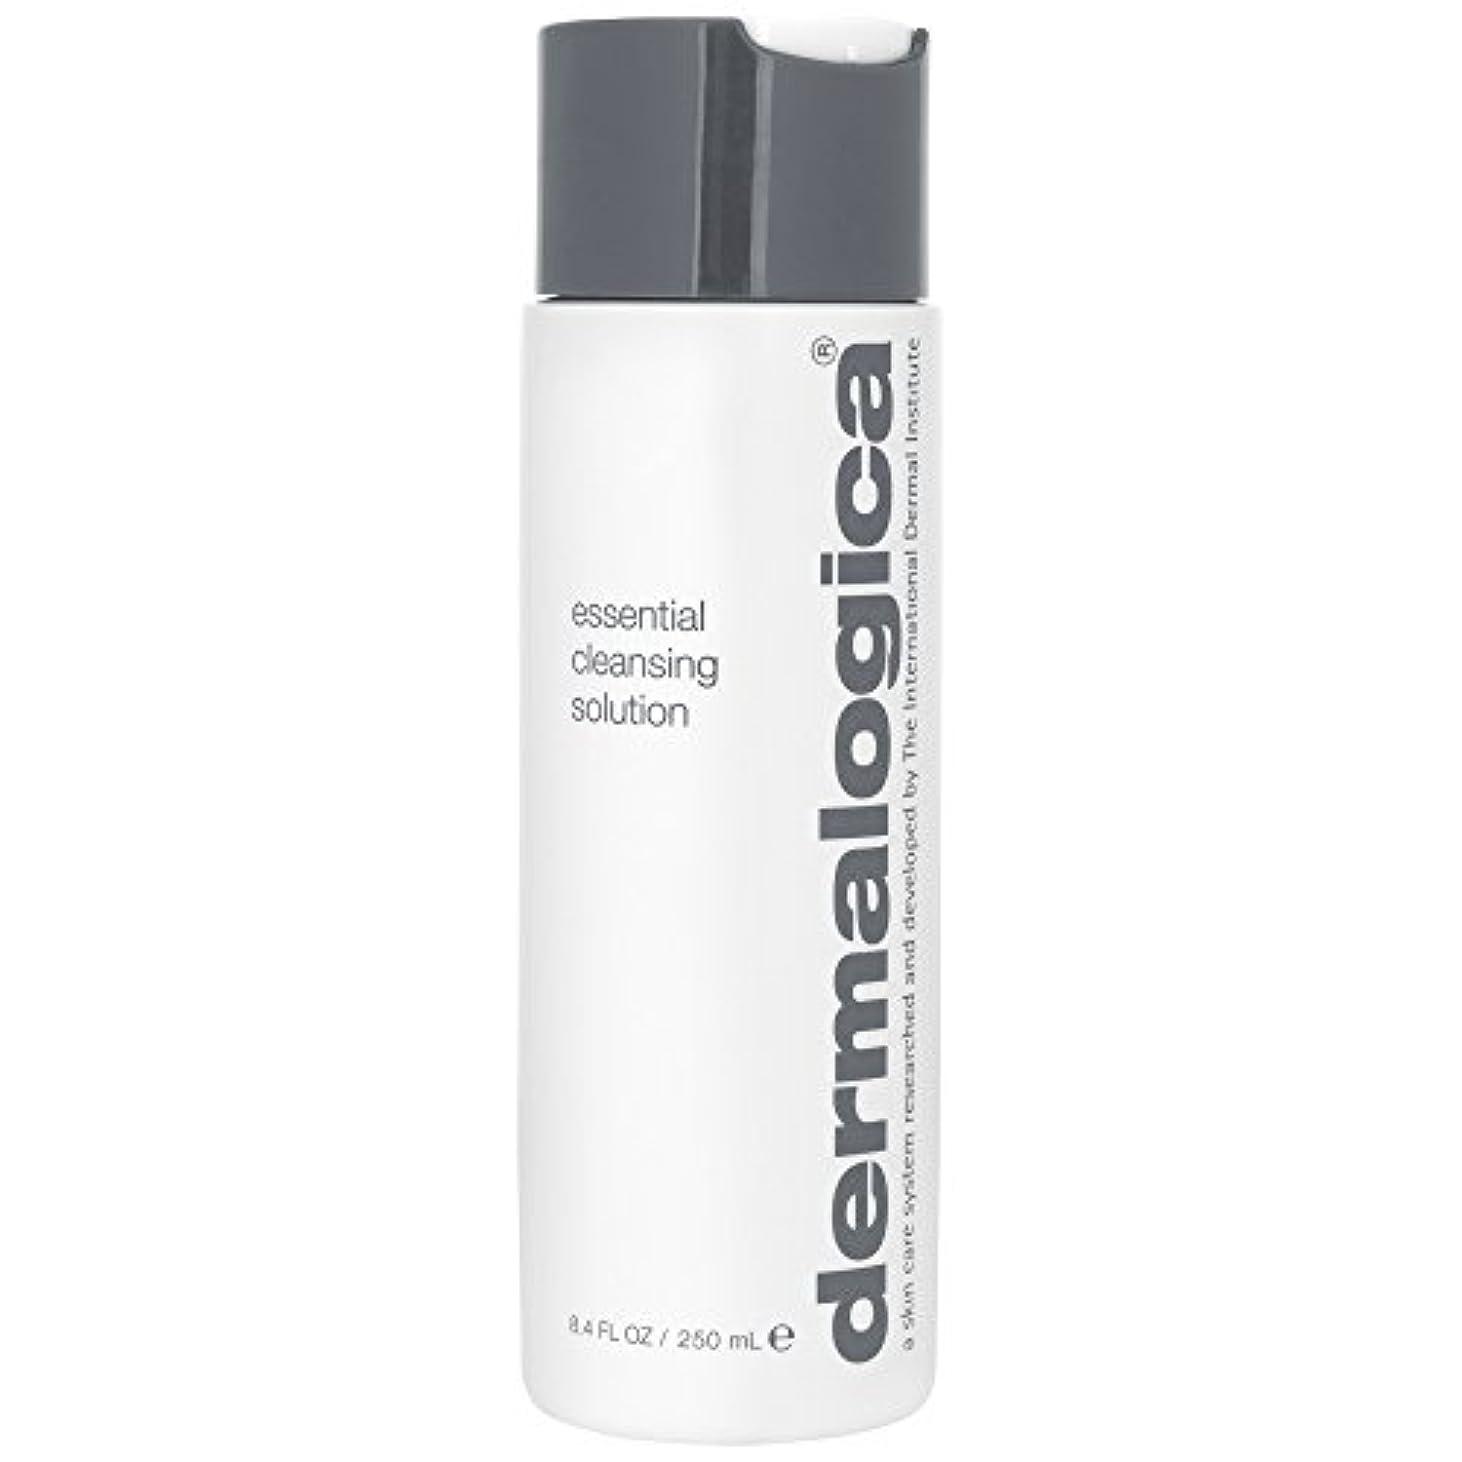 破壊的ベンチサミットダーマロジカ不可欠な洗浄液の250ミリリットル (Dermalogica) - Dermalogica Essential Cleansing Solution 250ml [並行輸入品]